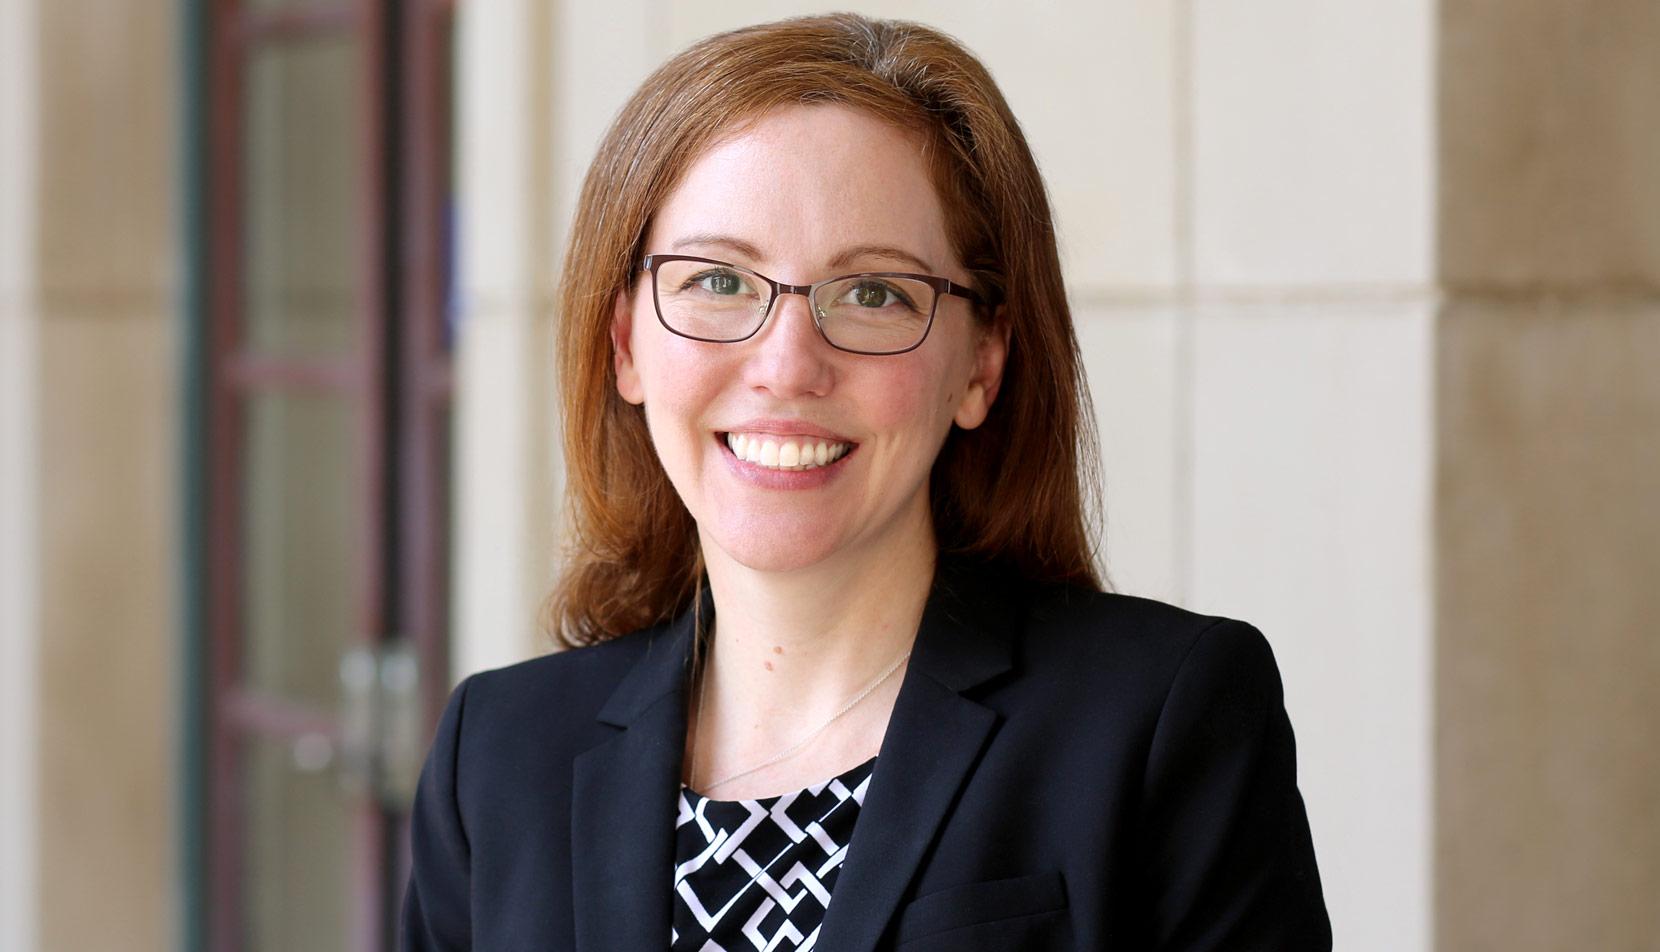 Katie Delsandro